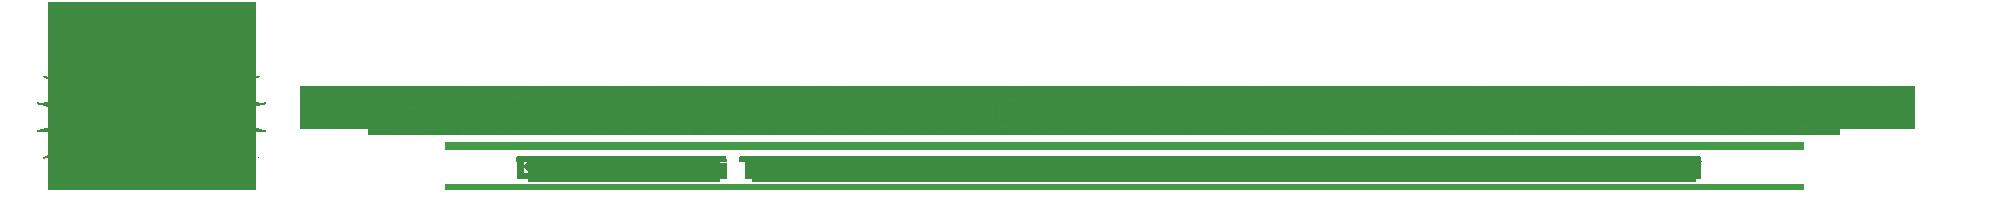 CEAL Ghana